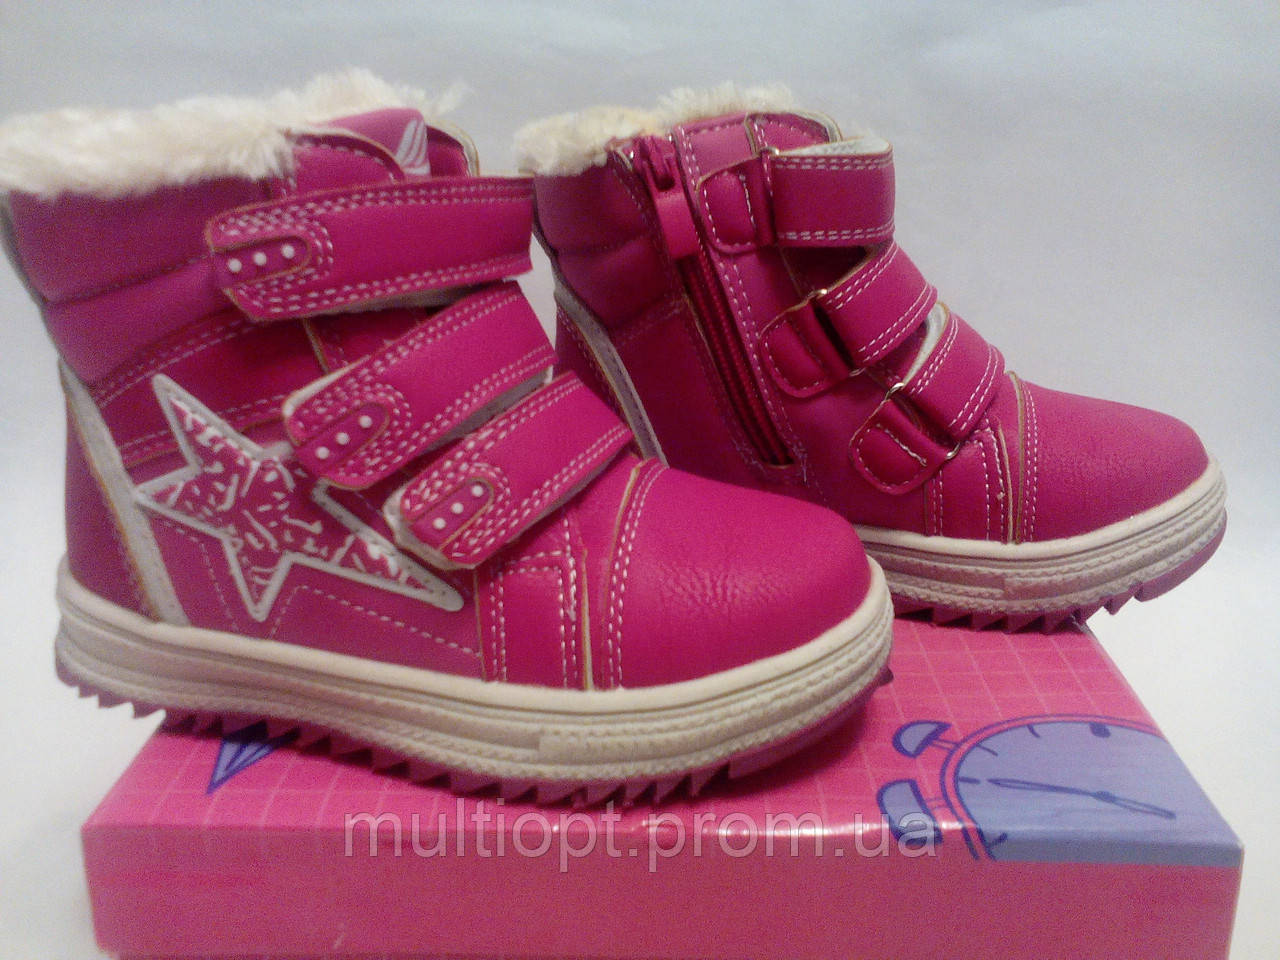 Ботинки детские зимние, утепленные 25-30, ростовка 6 пар. - МультиОпт (MultiOpt) в Луцке